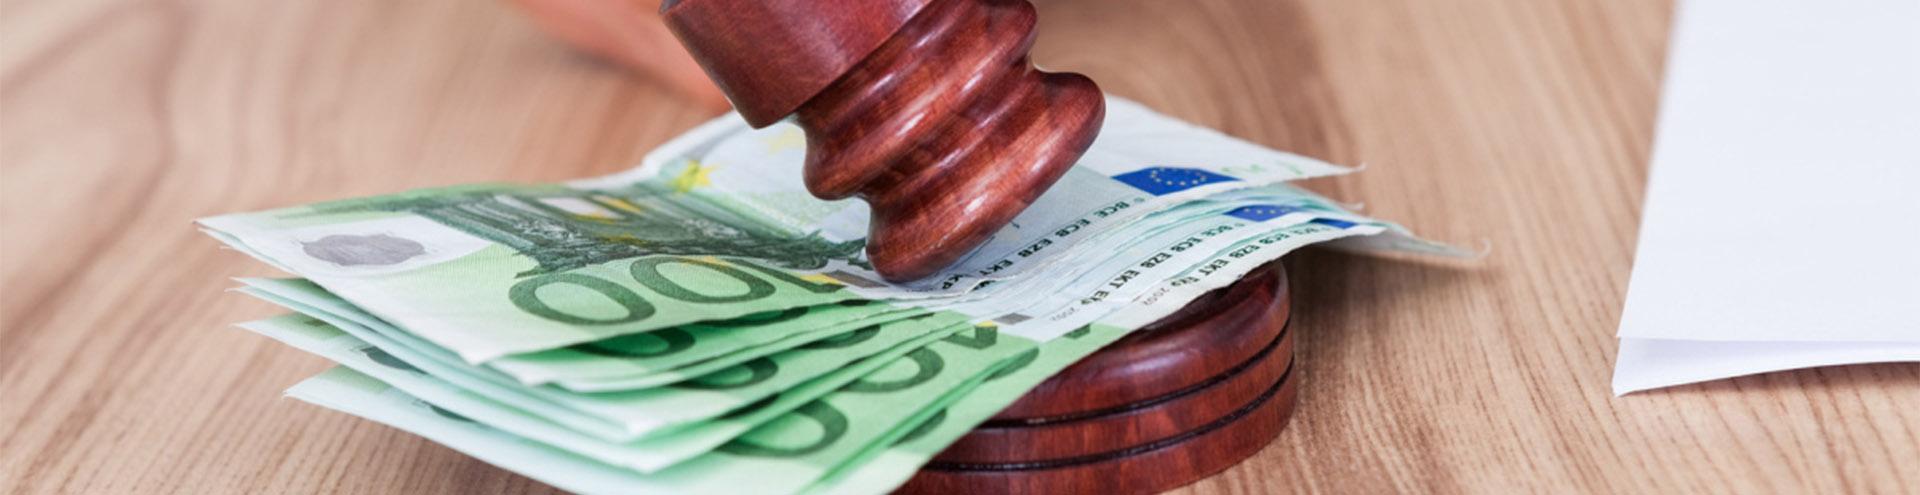 судебные расходы в Рязани